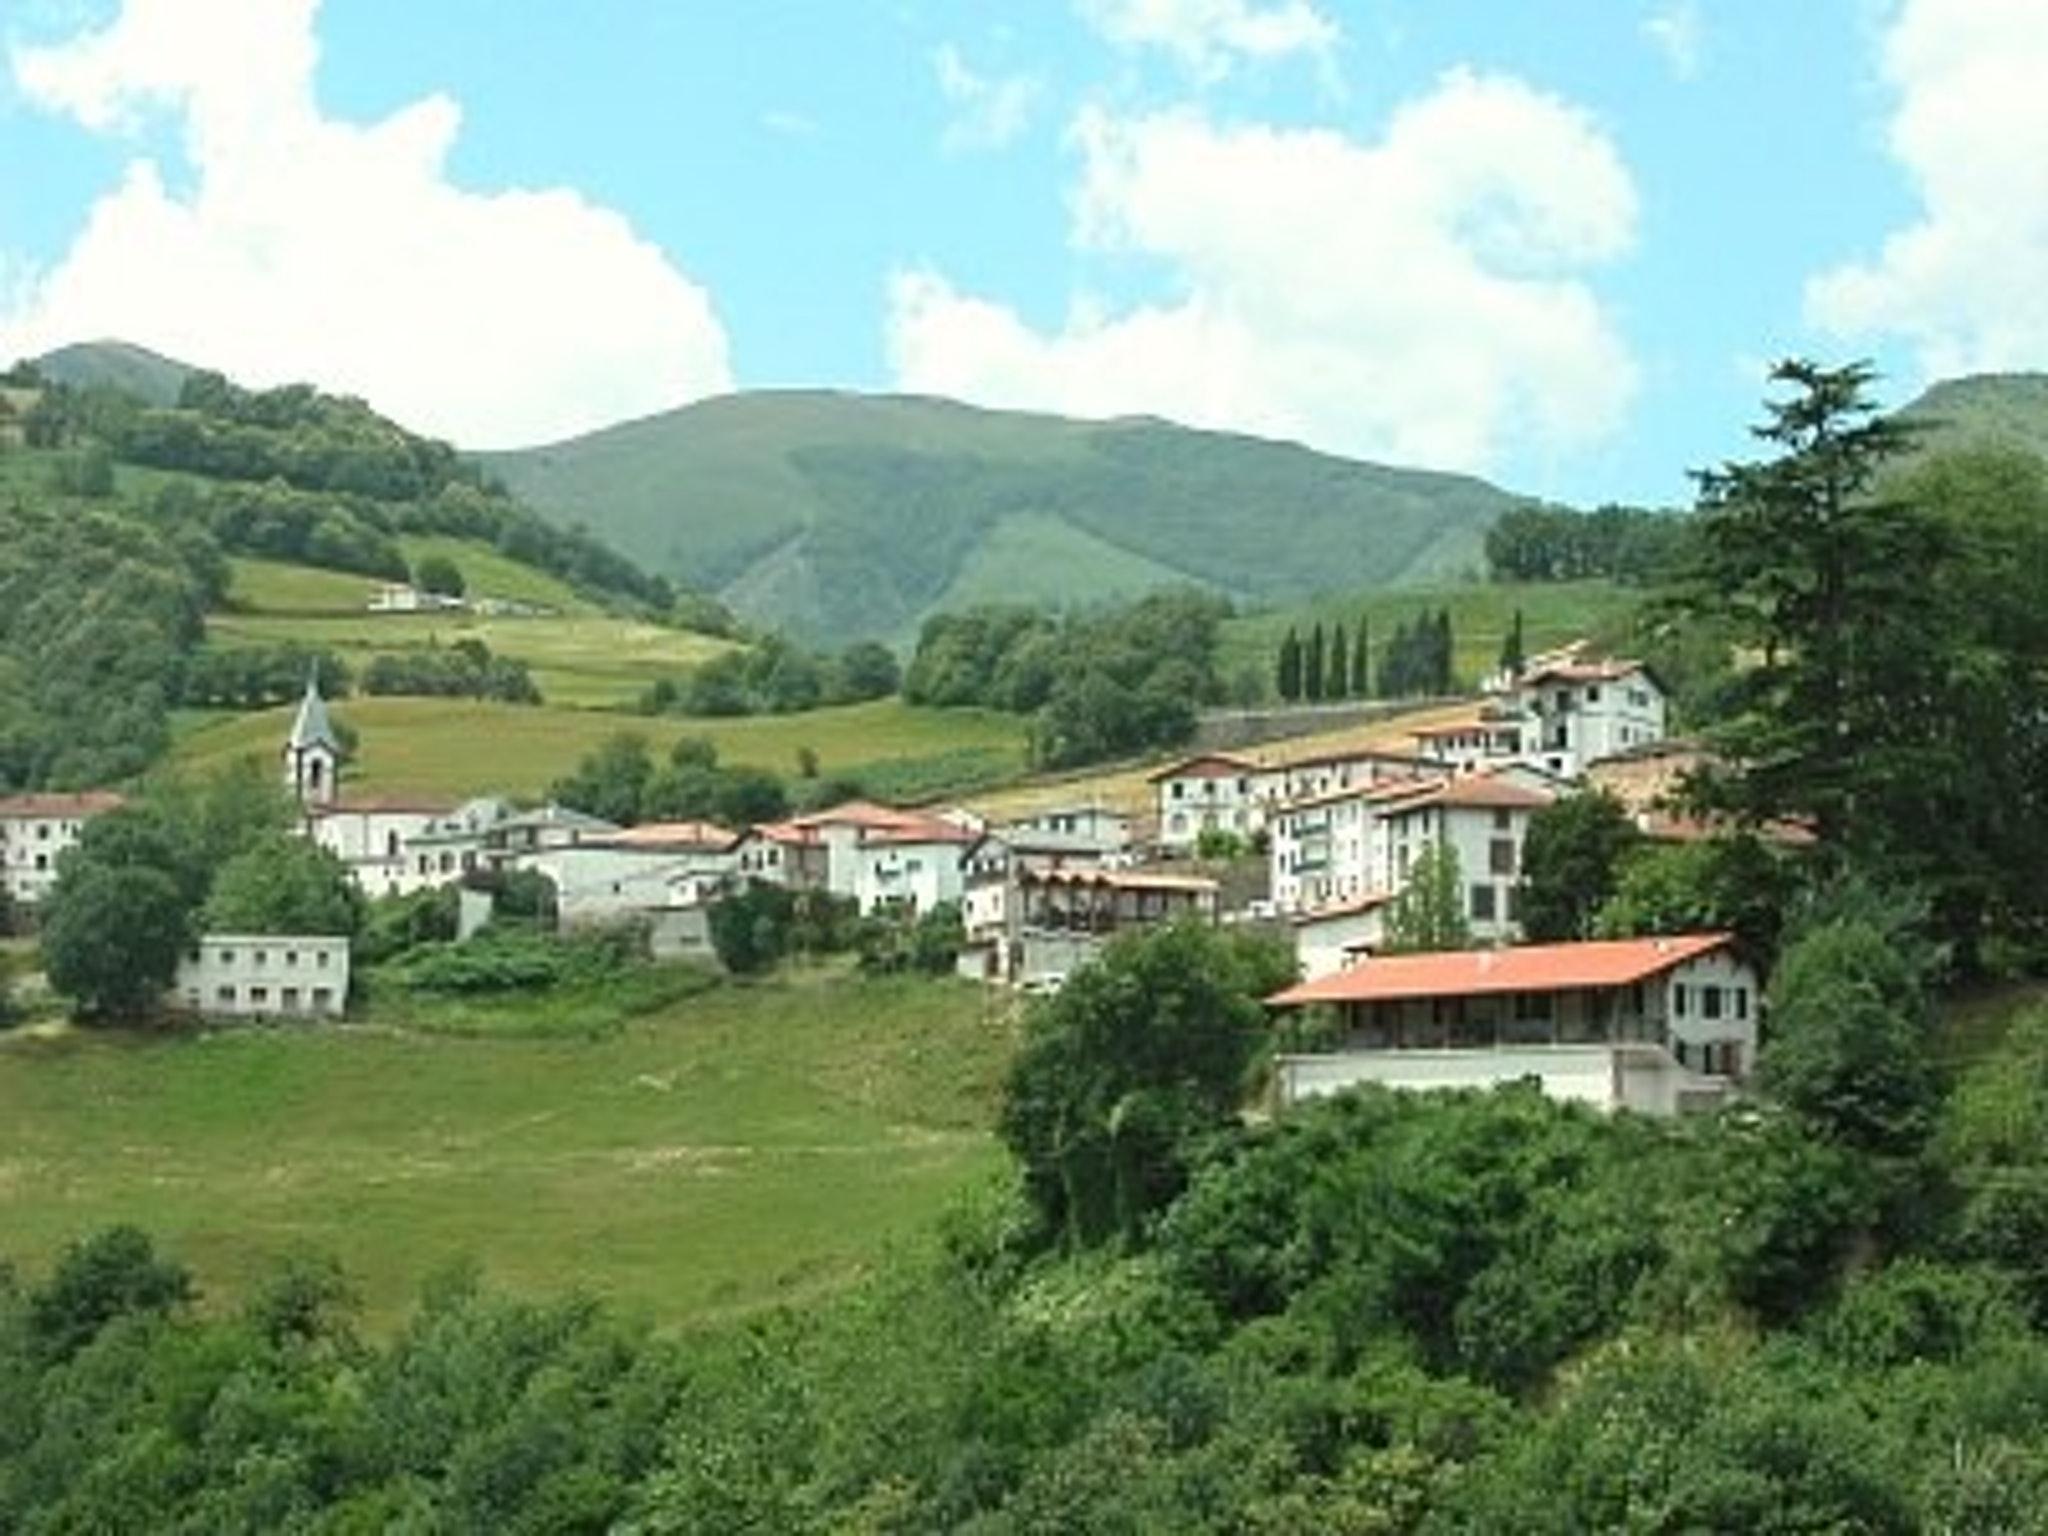 Ferienhaus Haus mit 4 Schlafzimmern in Valcarlos mit toller Aussicht auf die Berge, eingezäuntem Gart (2519329), Gañecoleta, , Navarra, Spanien, Bild 1